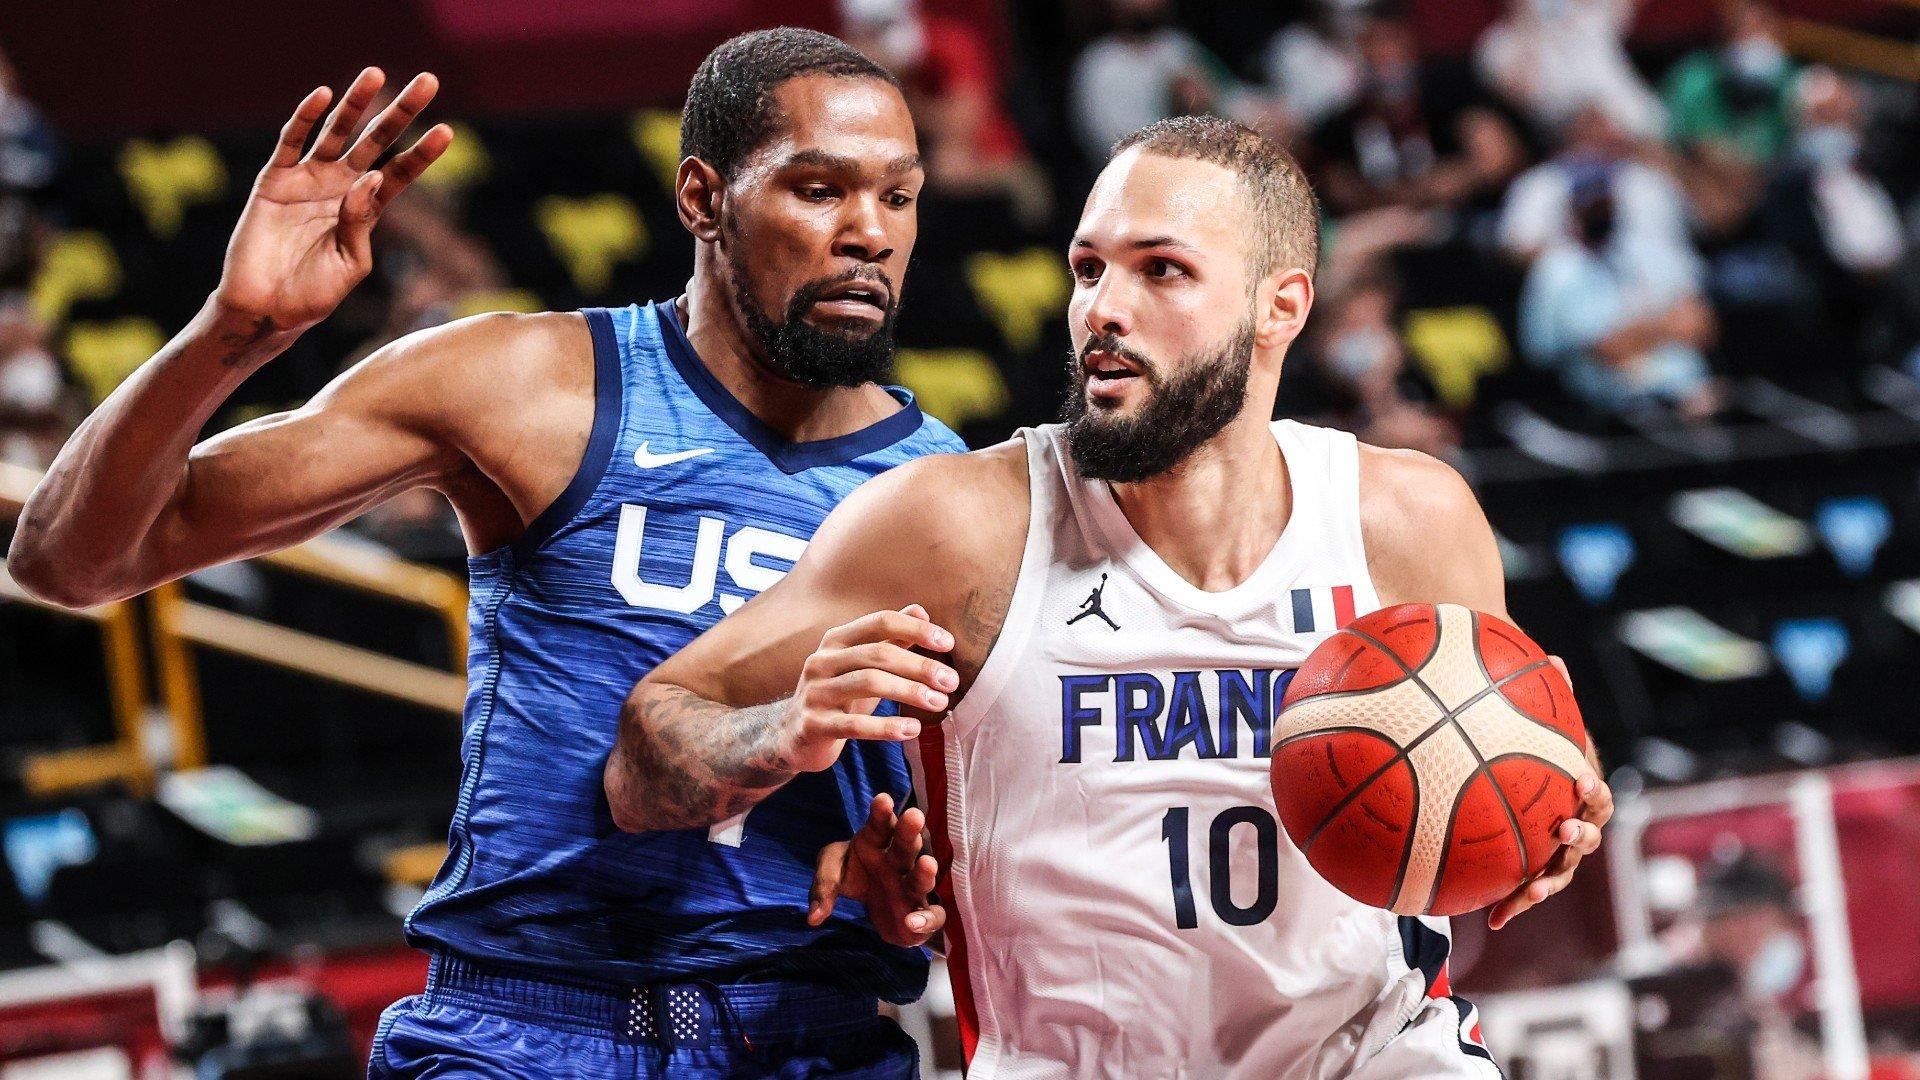 USA France basketball odds Olympics